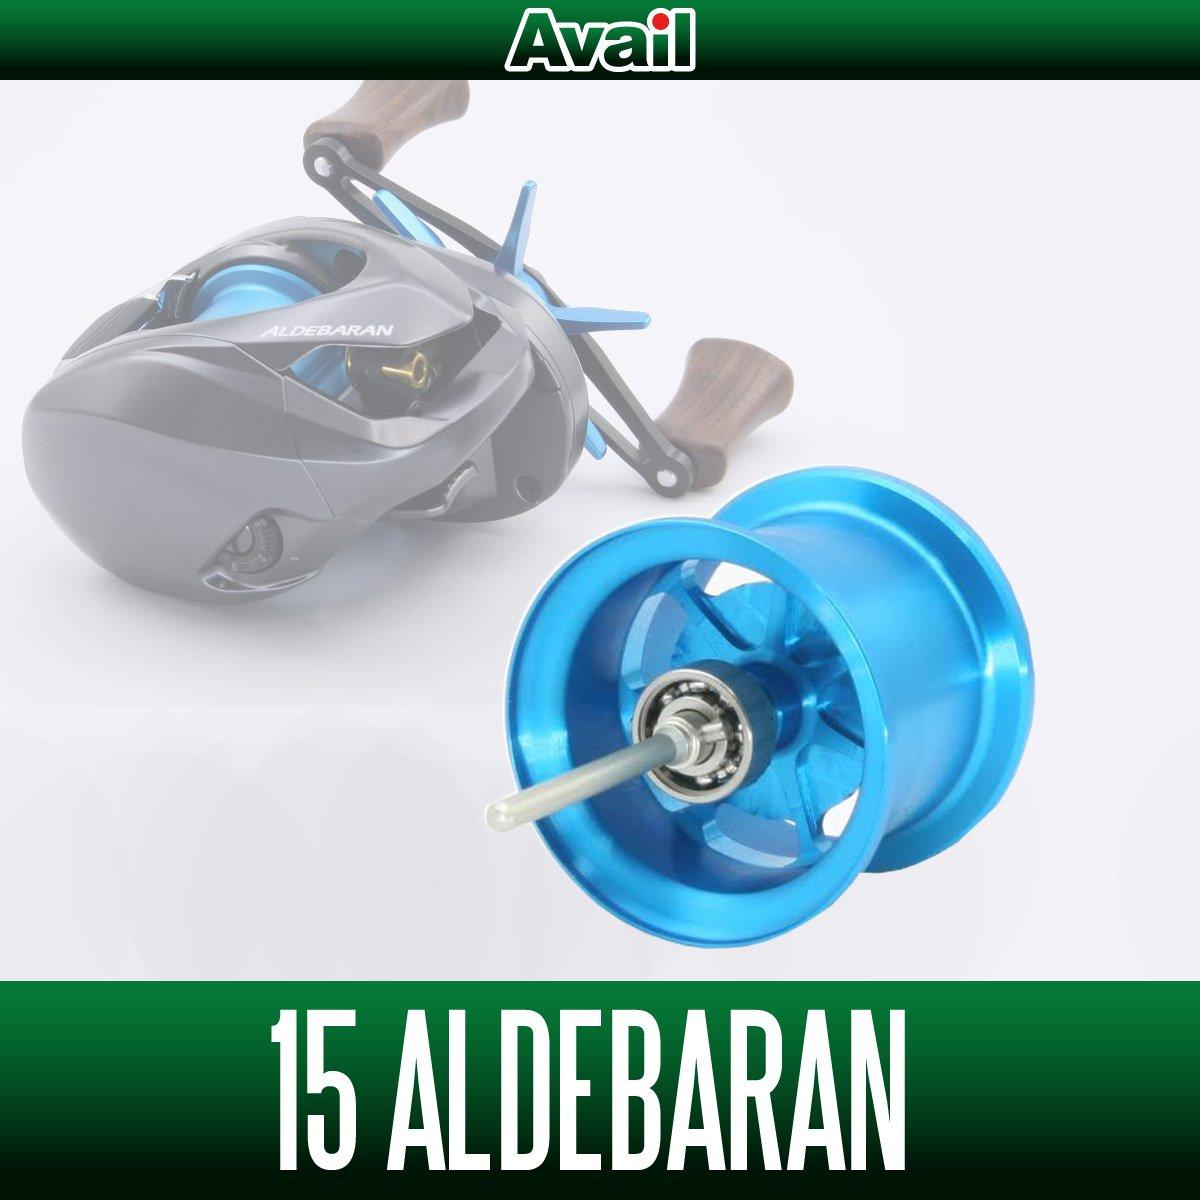 【Avail/アベイル】 シマノ 15アルデバラン用 マイクロキャストスプール ALD1532RI スカイブルー   B01DTUELKM